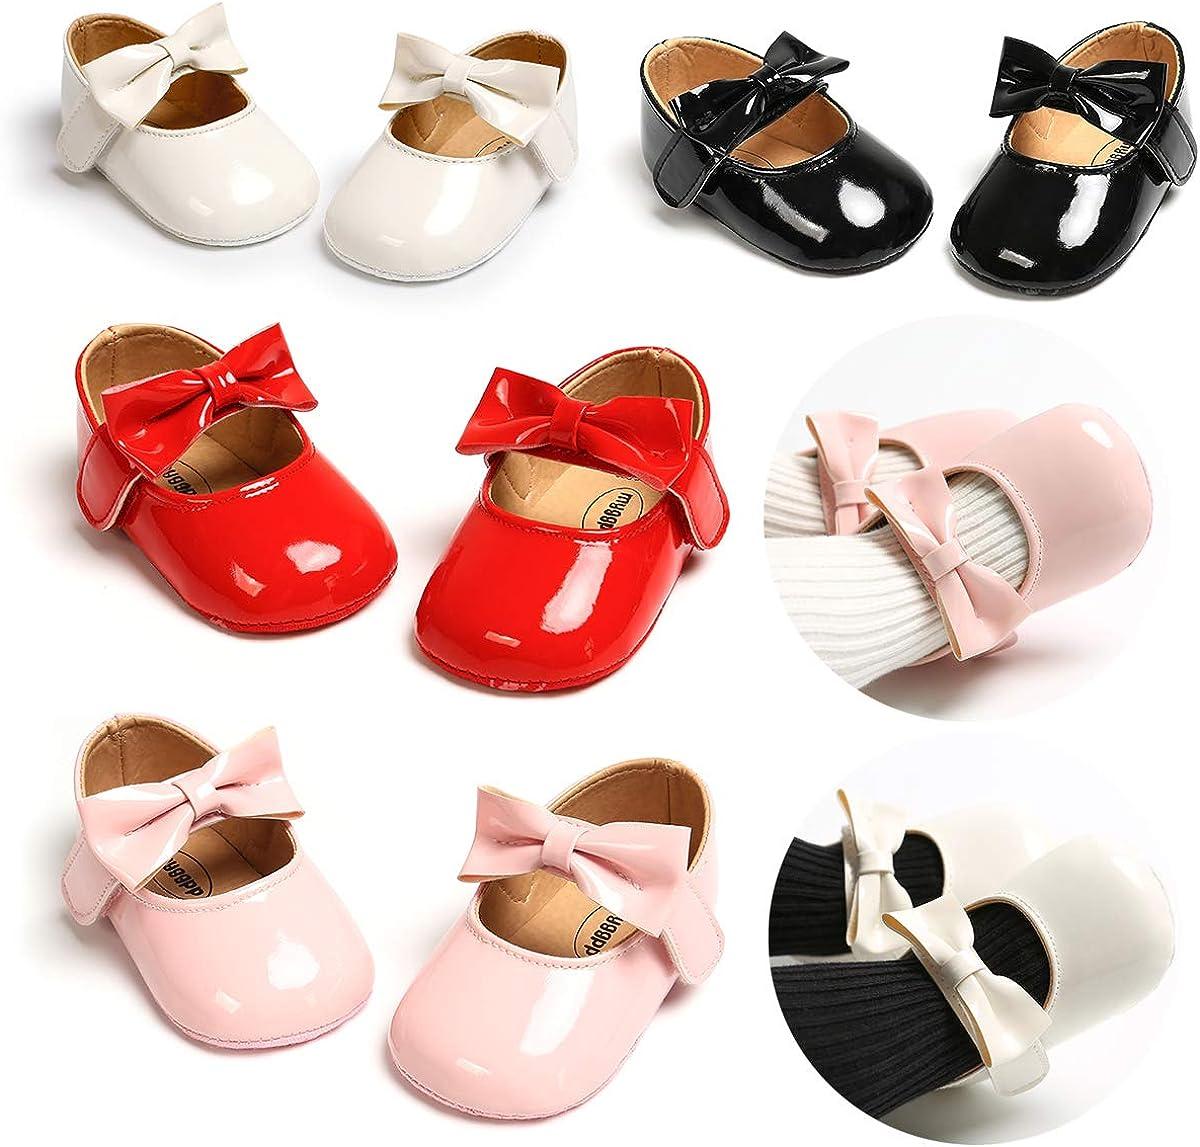 Zapatos Recien Nacido Antideslizante Bailarinas Princesa Bowknot Beb/é Ni/ñas